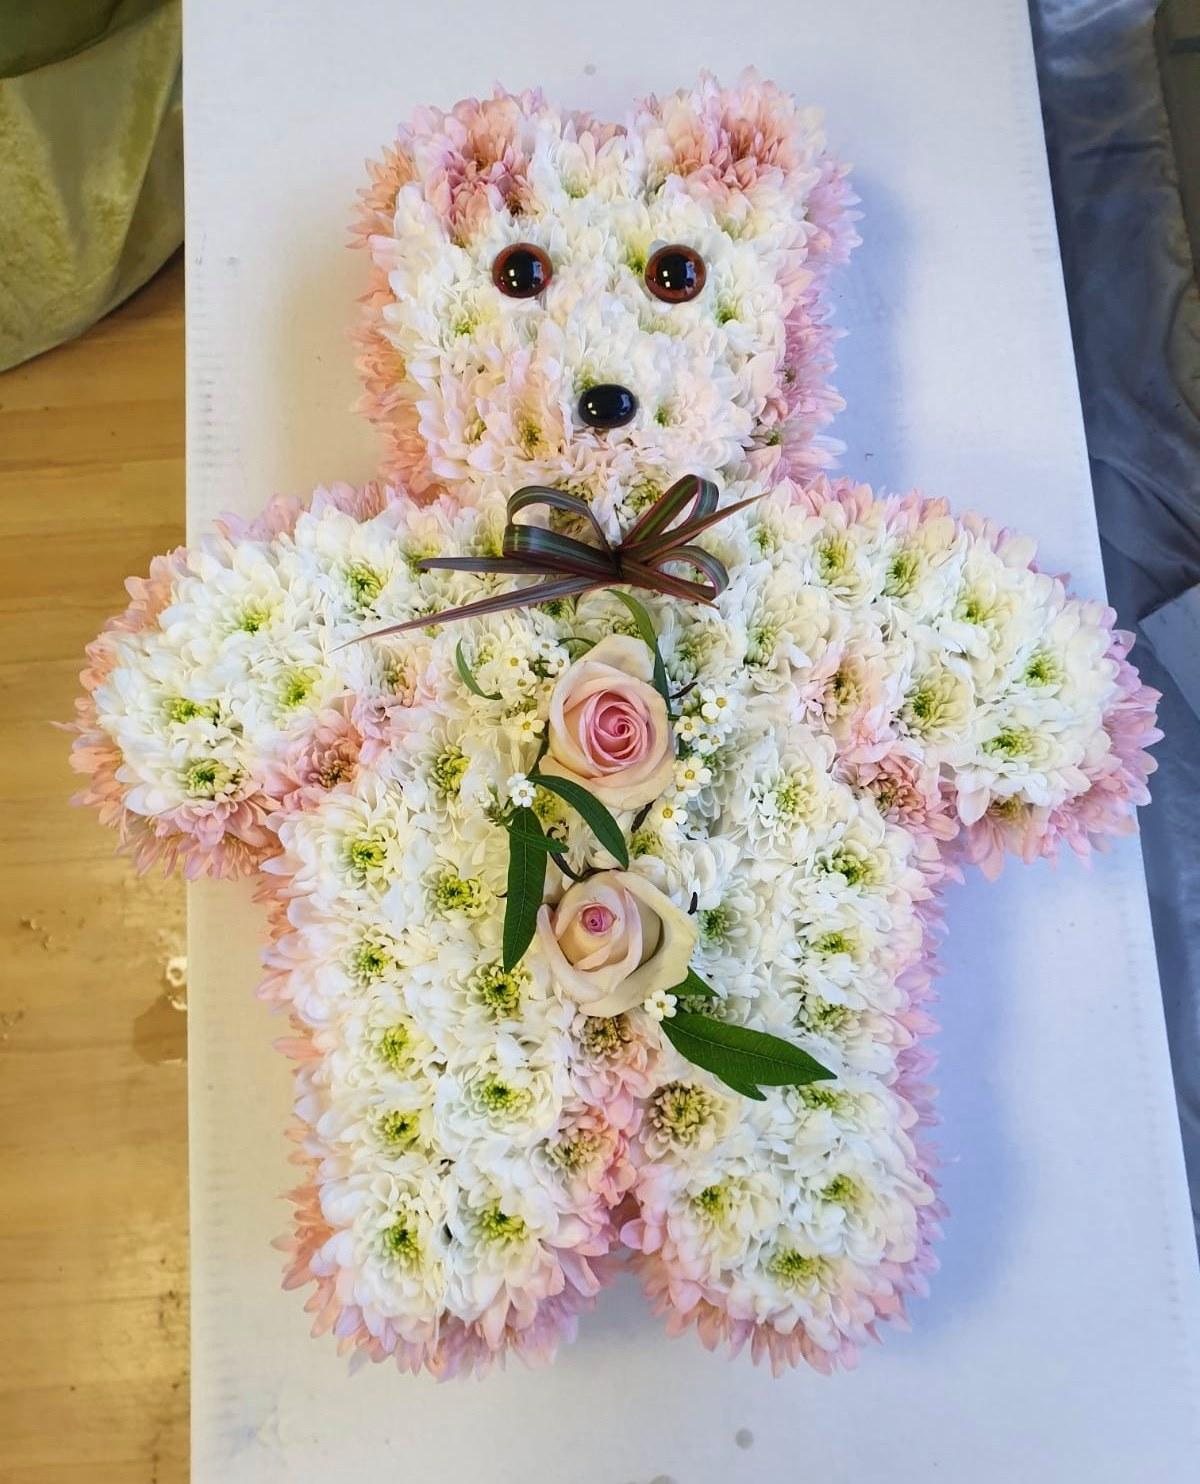 Teddy Bear from £85.00